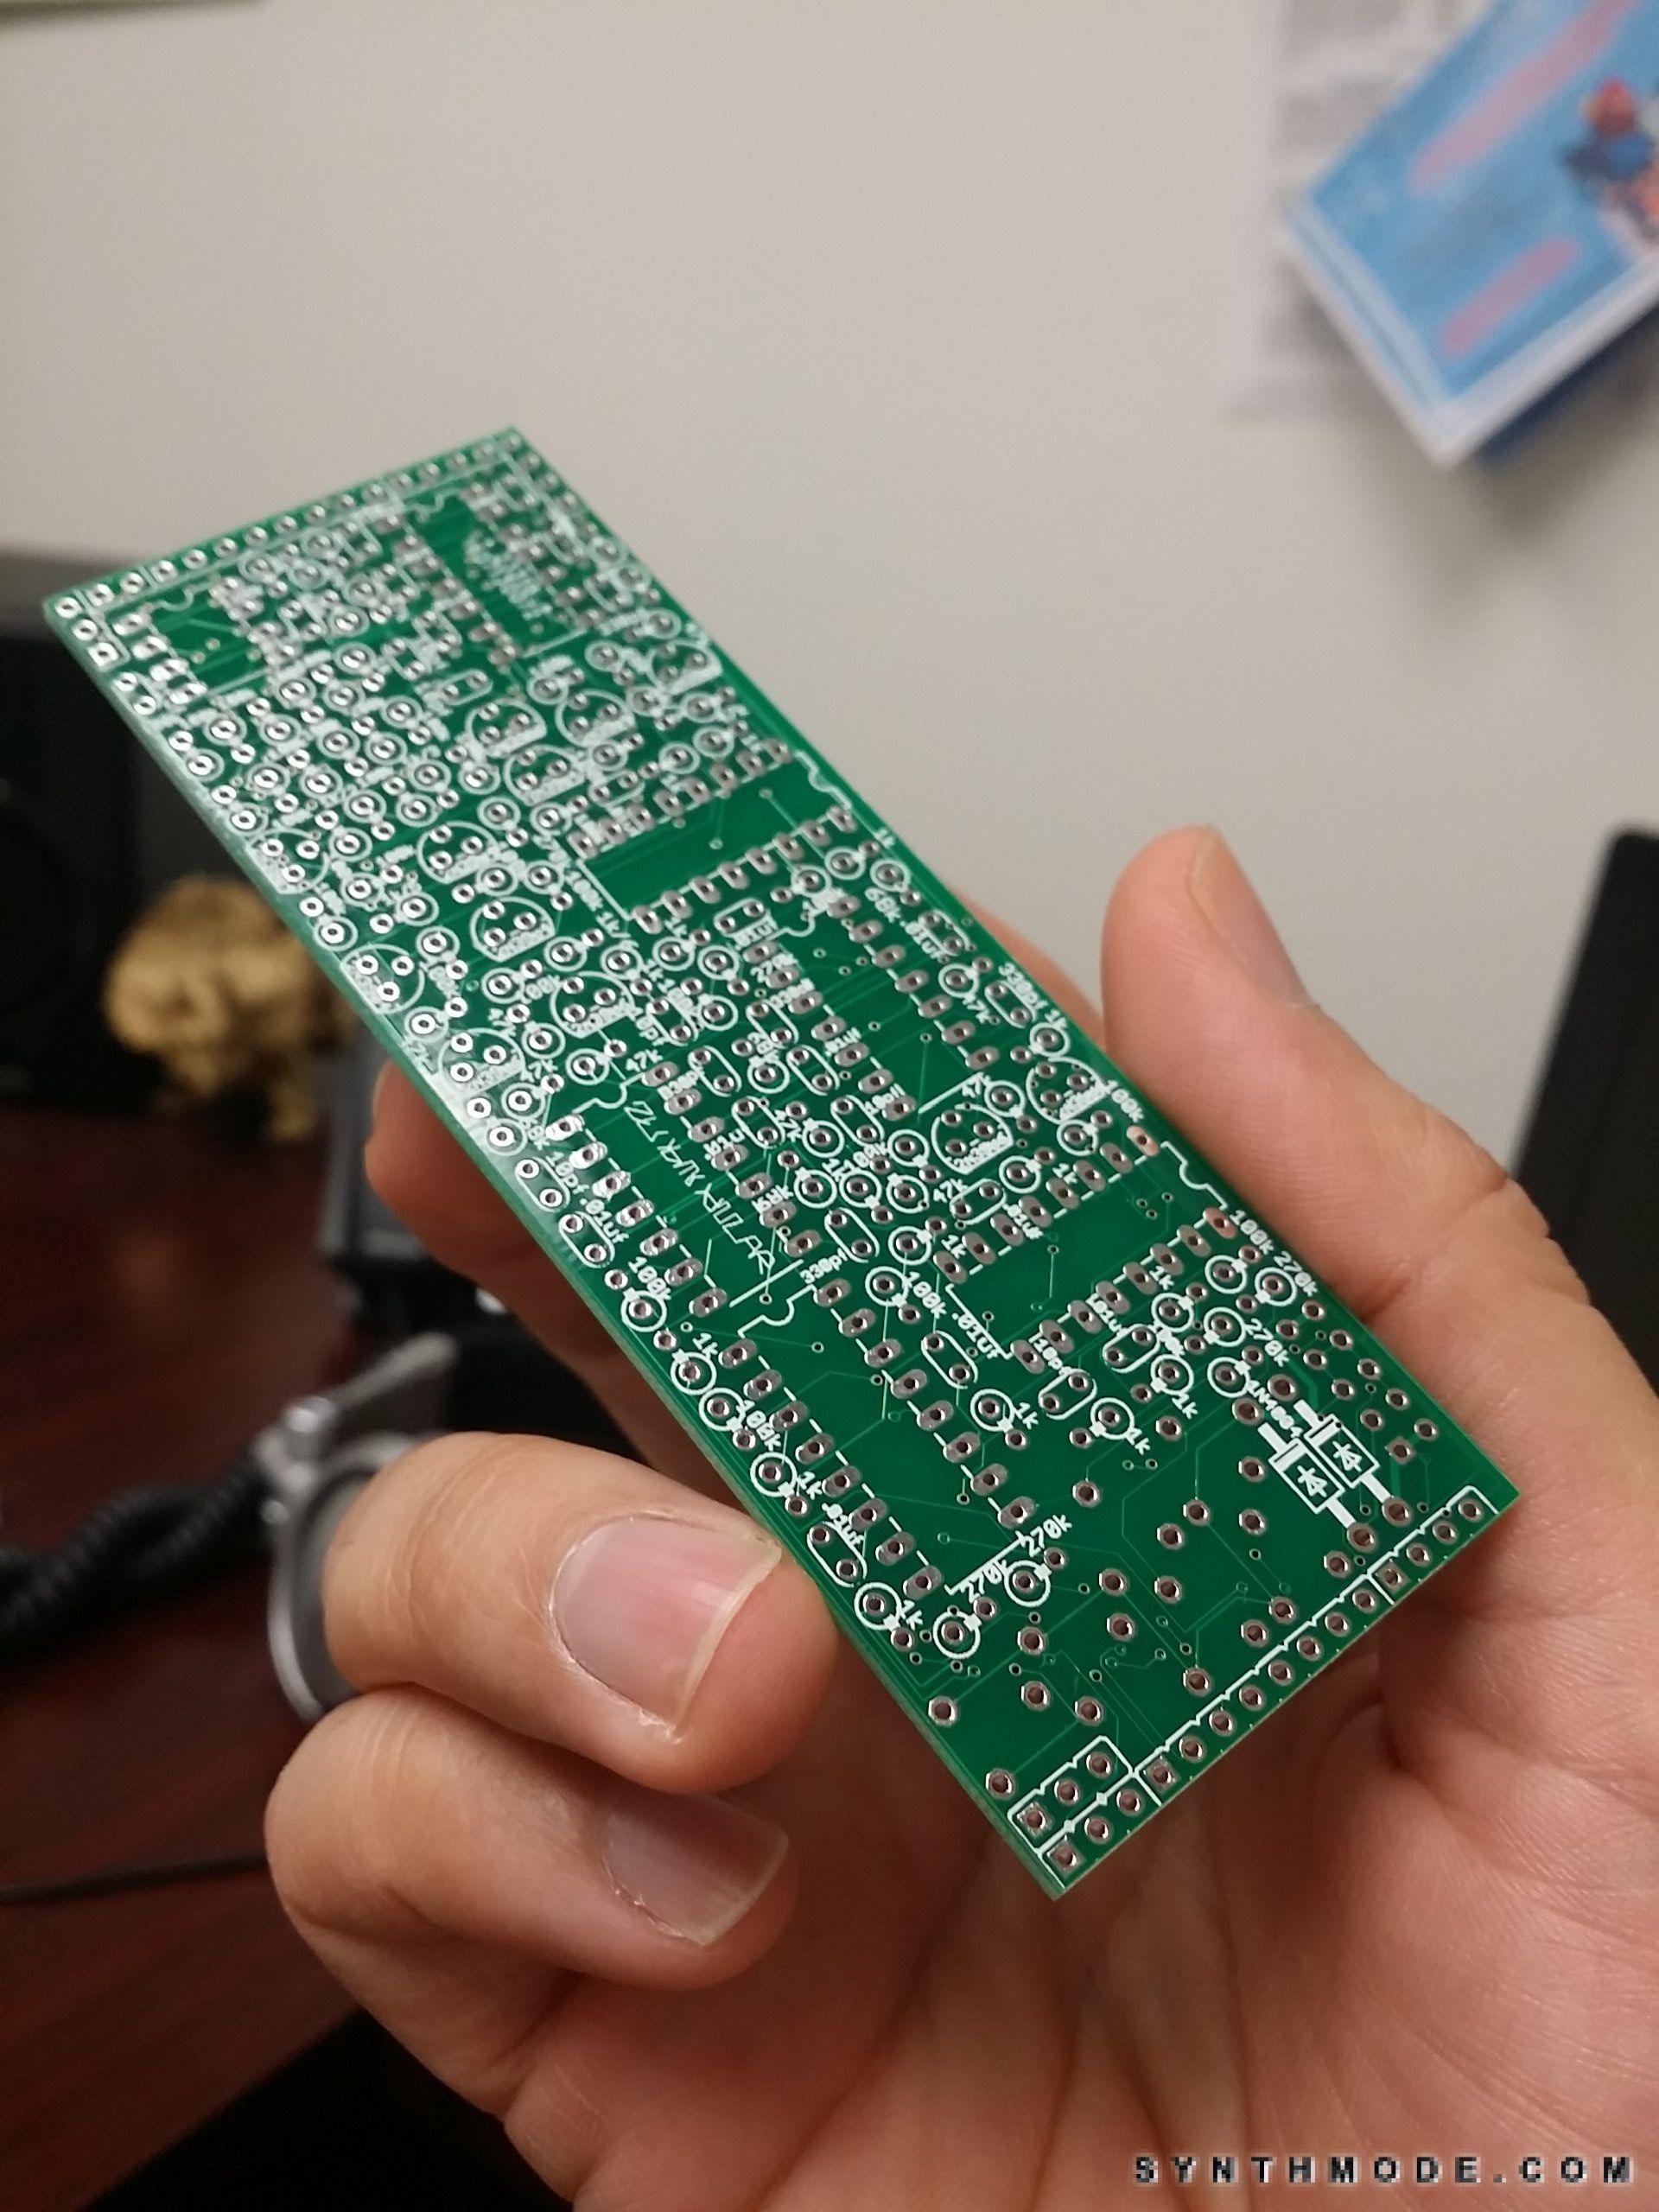 Packing 6 VCAs + mixer in an 8HP DIY Eurorack module